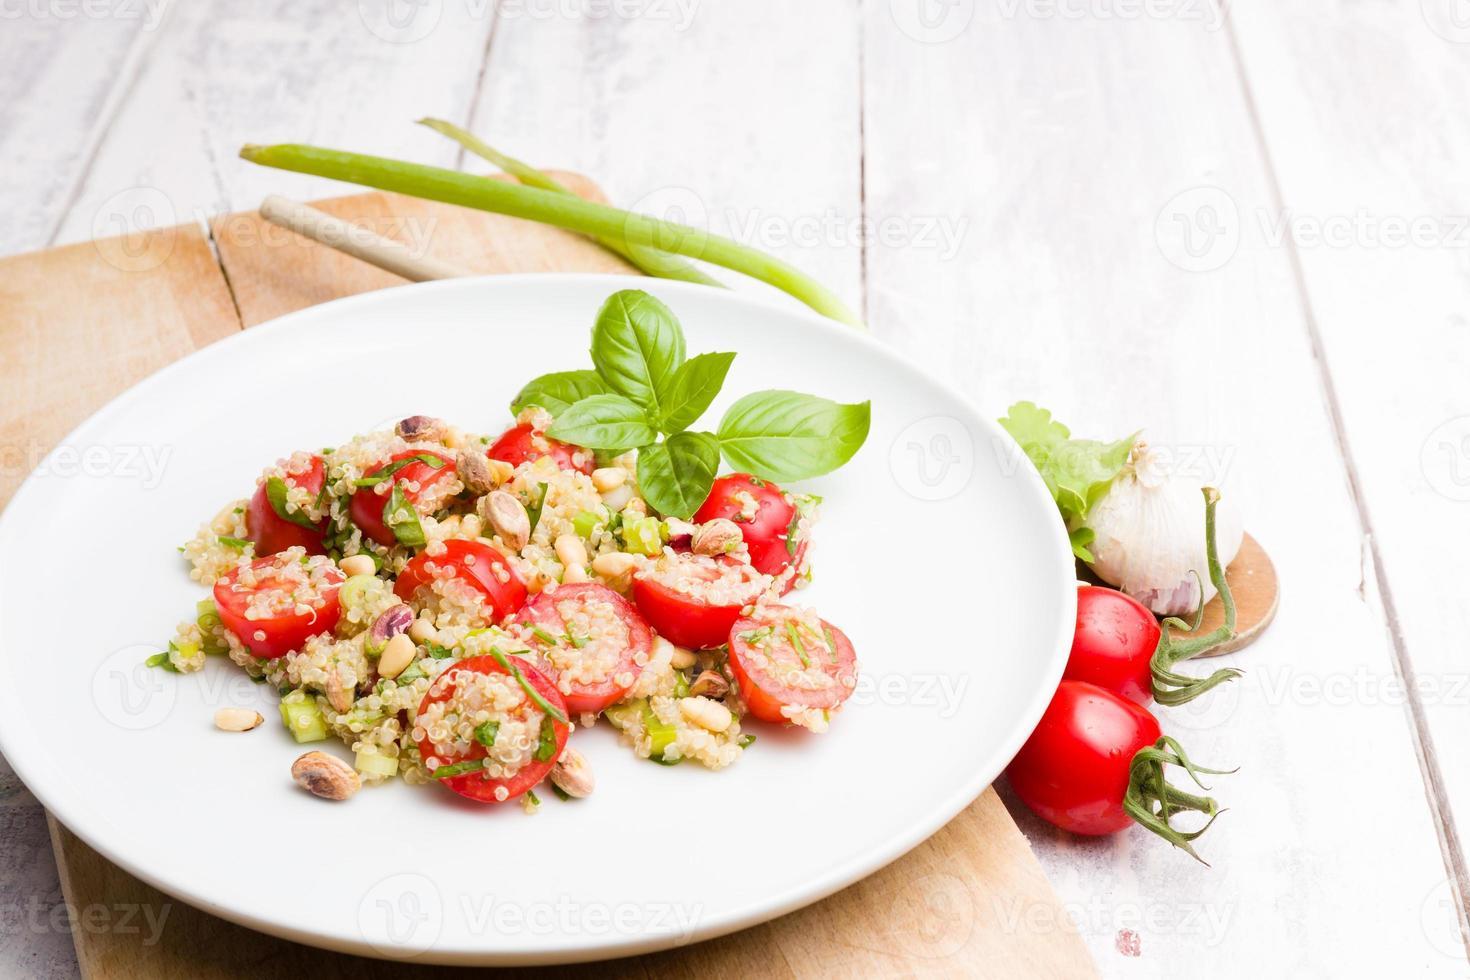 prato de salada vegetariana de quinua em fundo branco de madeira foto